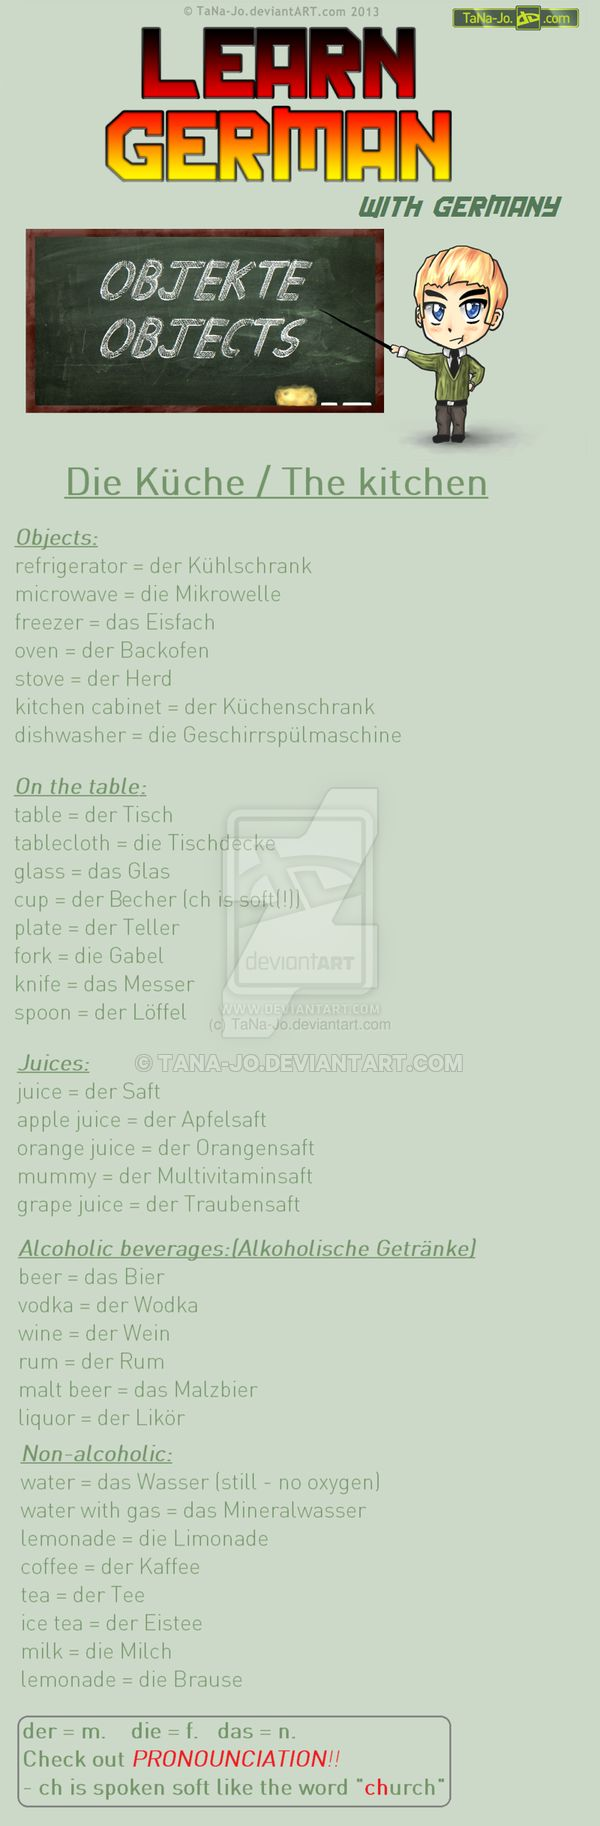 german kitchen german kitchen cabinets Learn German kitchen